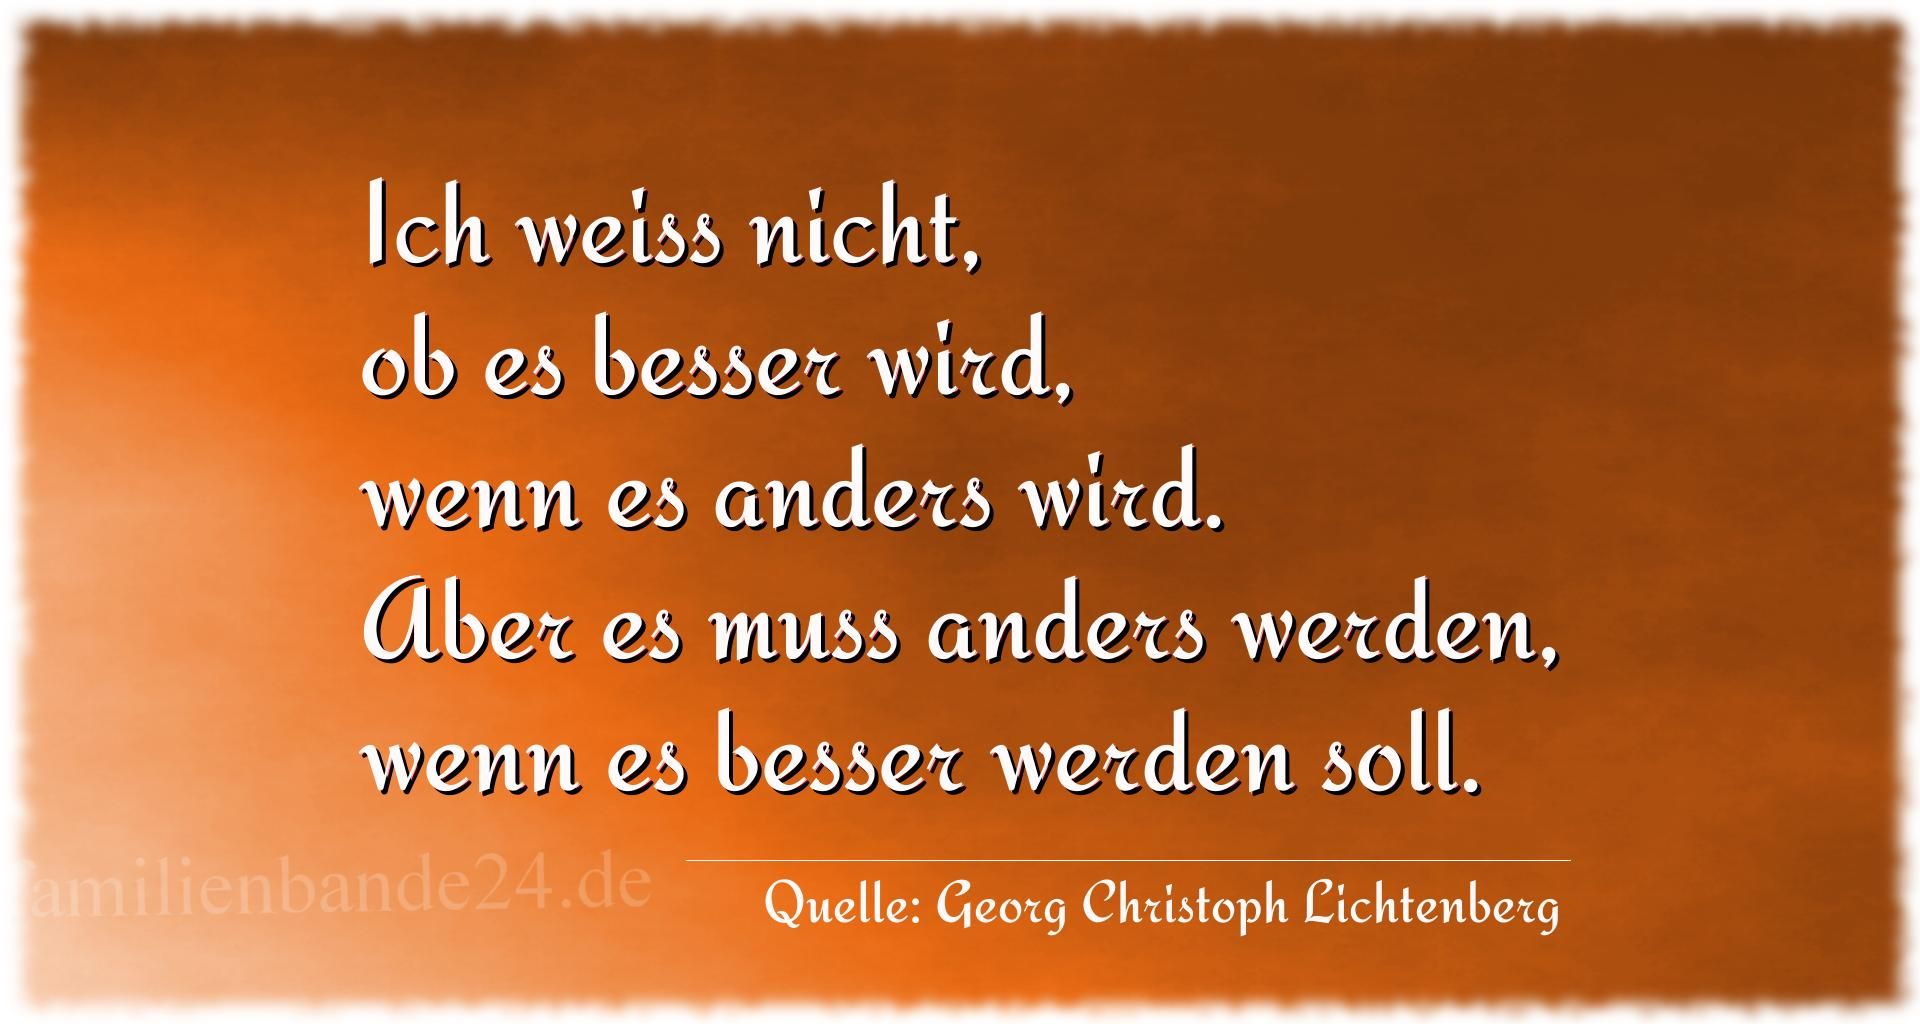 Aphorismus Nr. 1281, Quelle Georg Christoph Lichtenberg